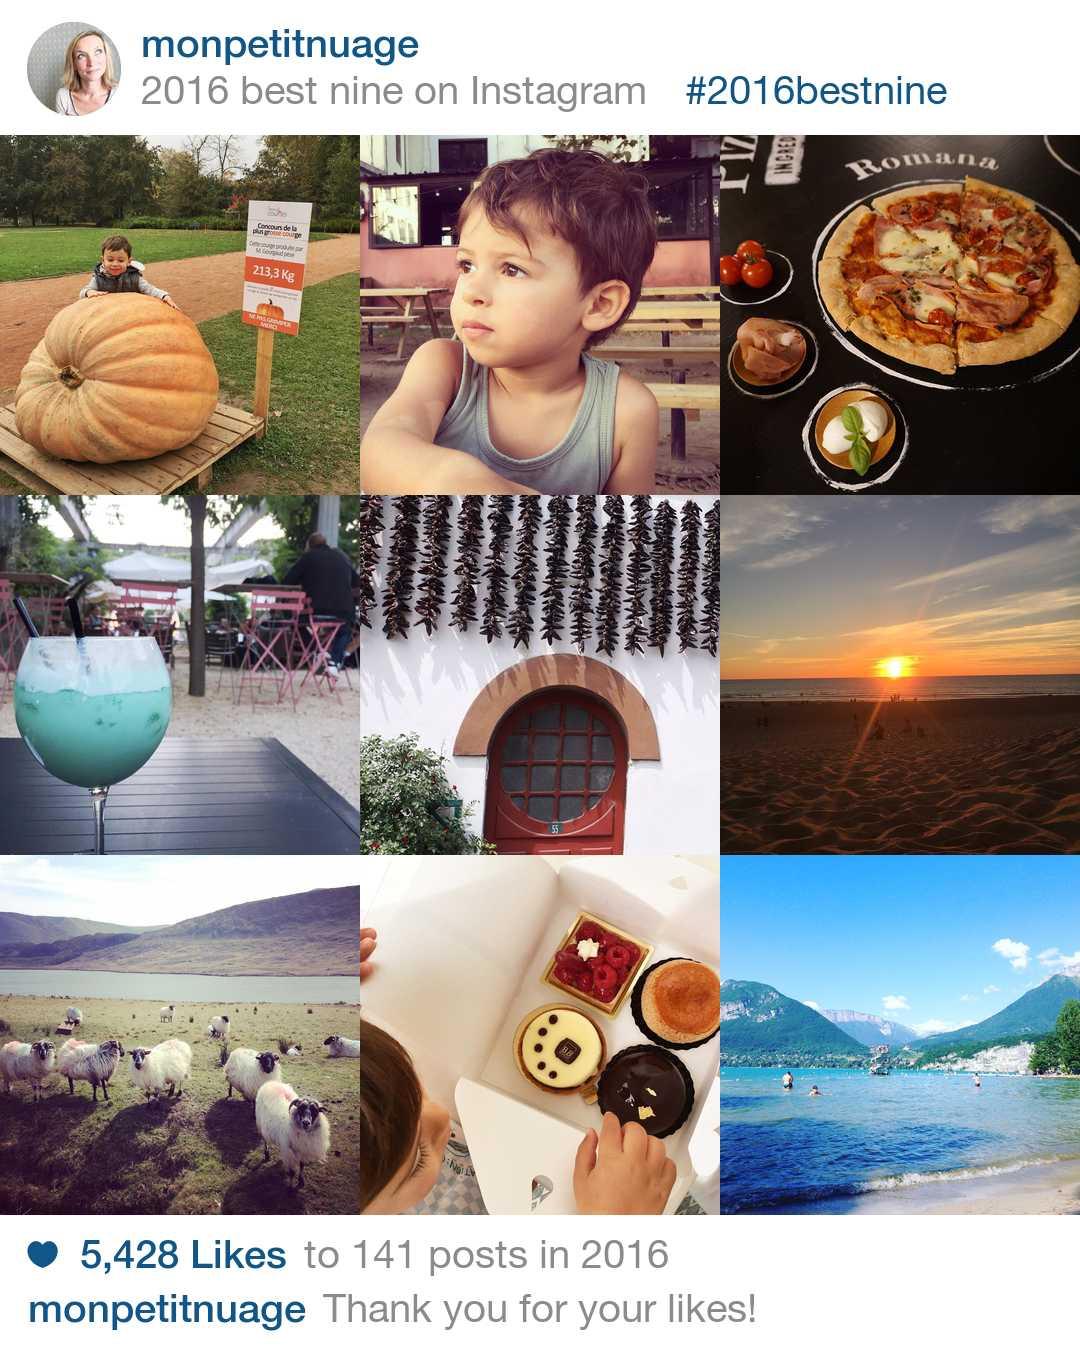 Best nine 2016 Instagram